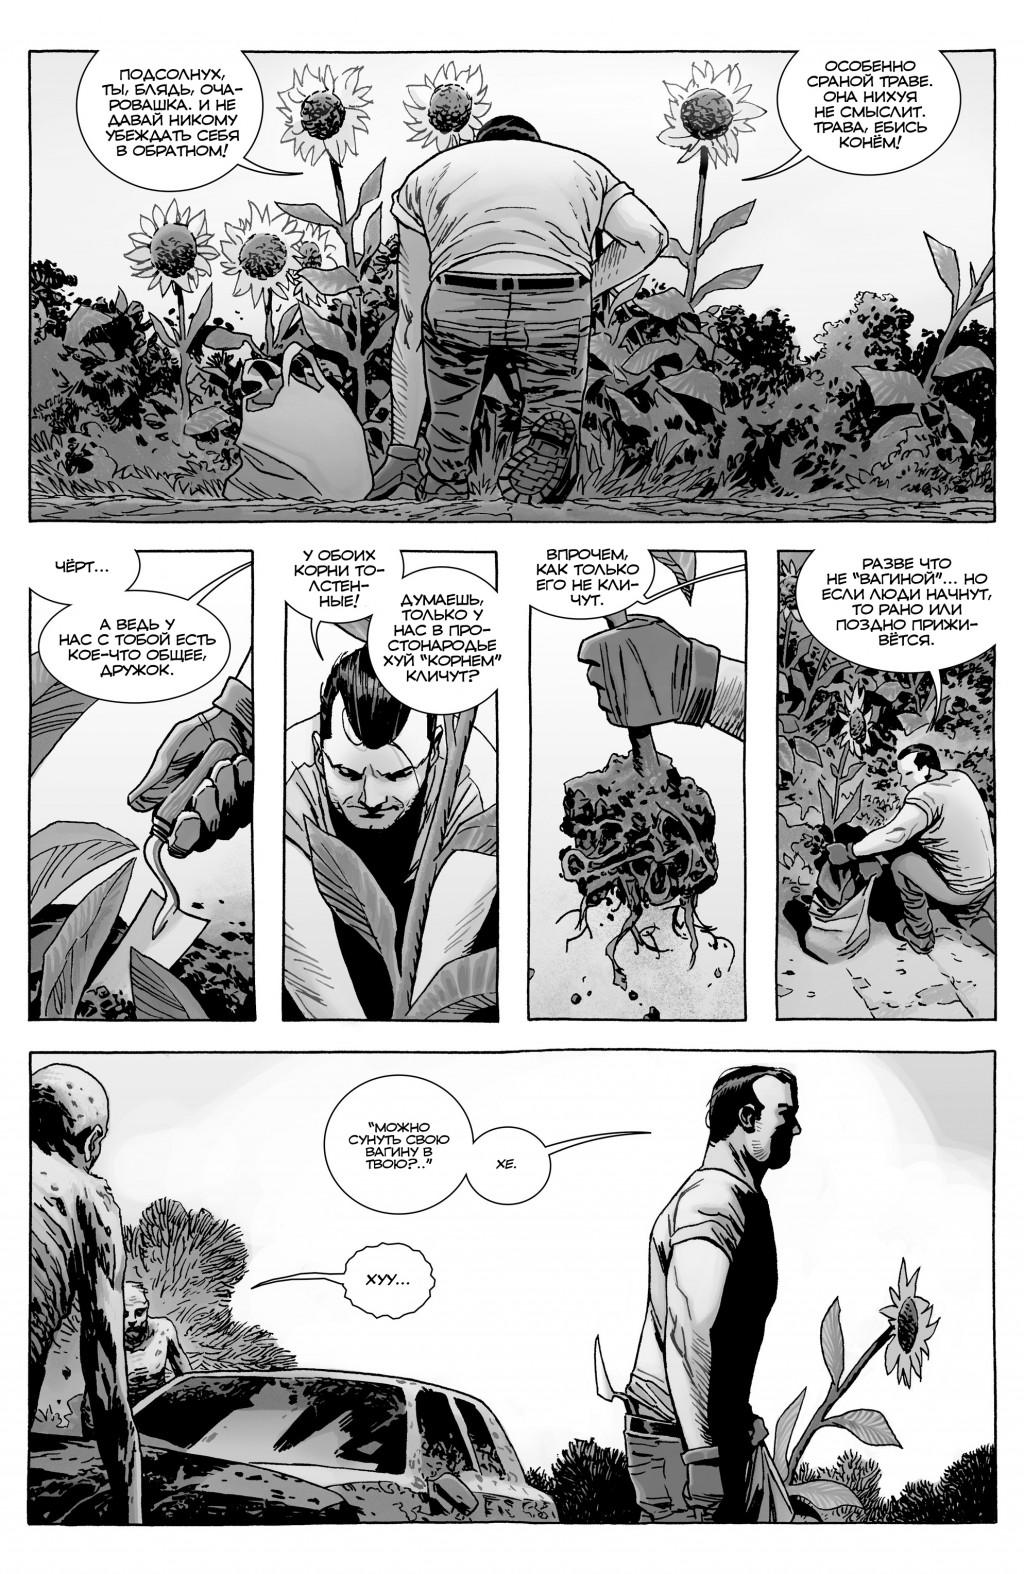 The Walking Dead 174-003.jpg